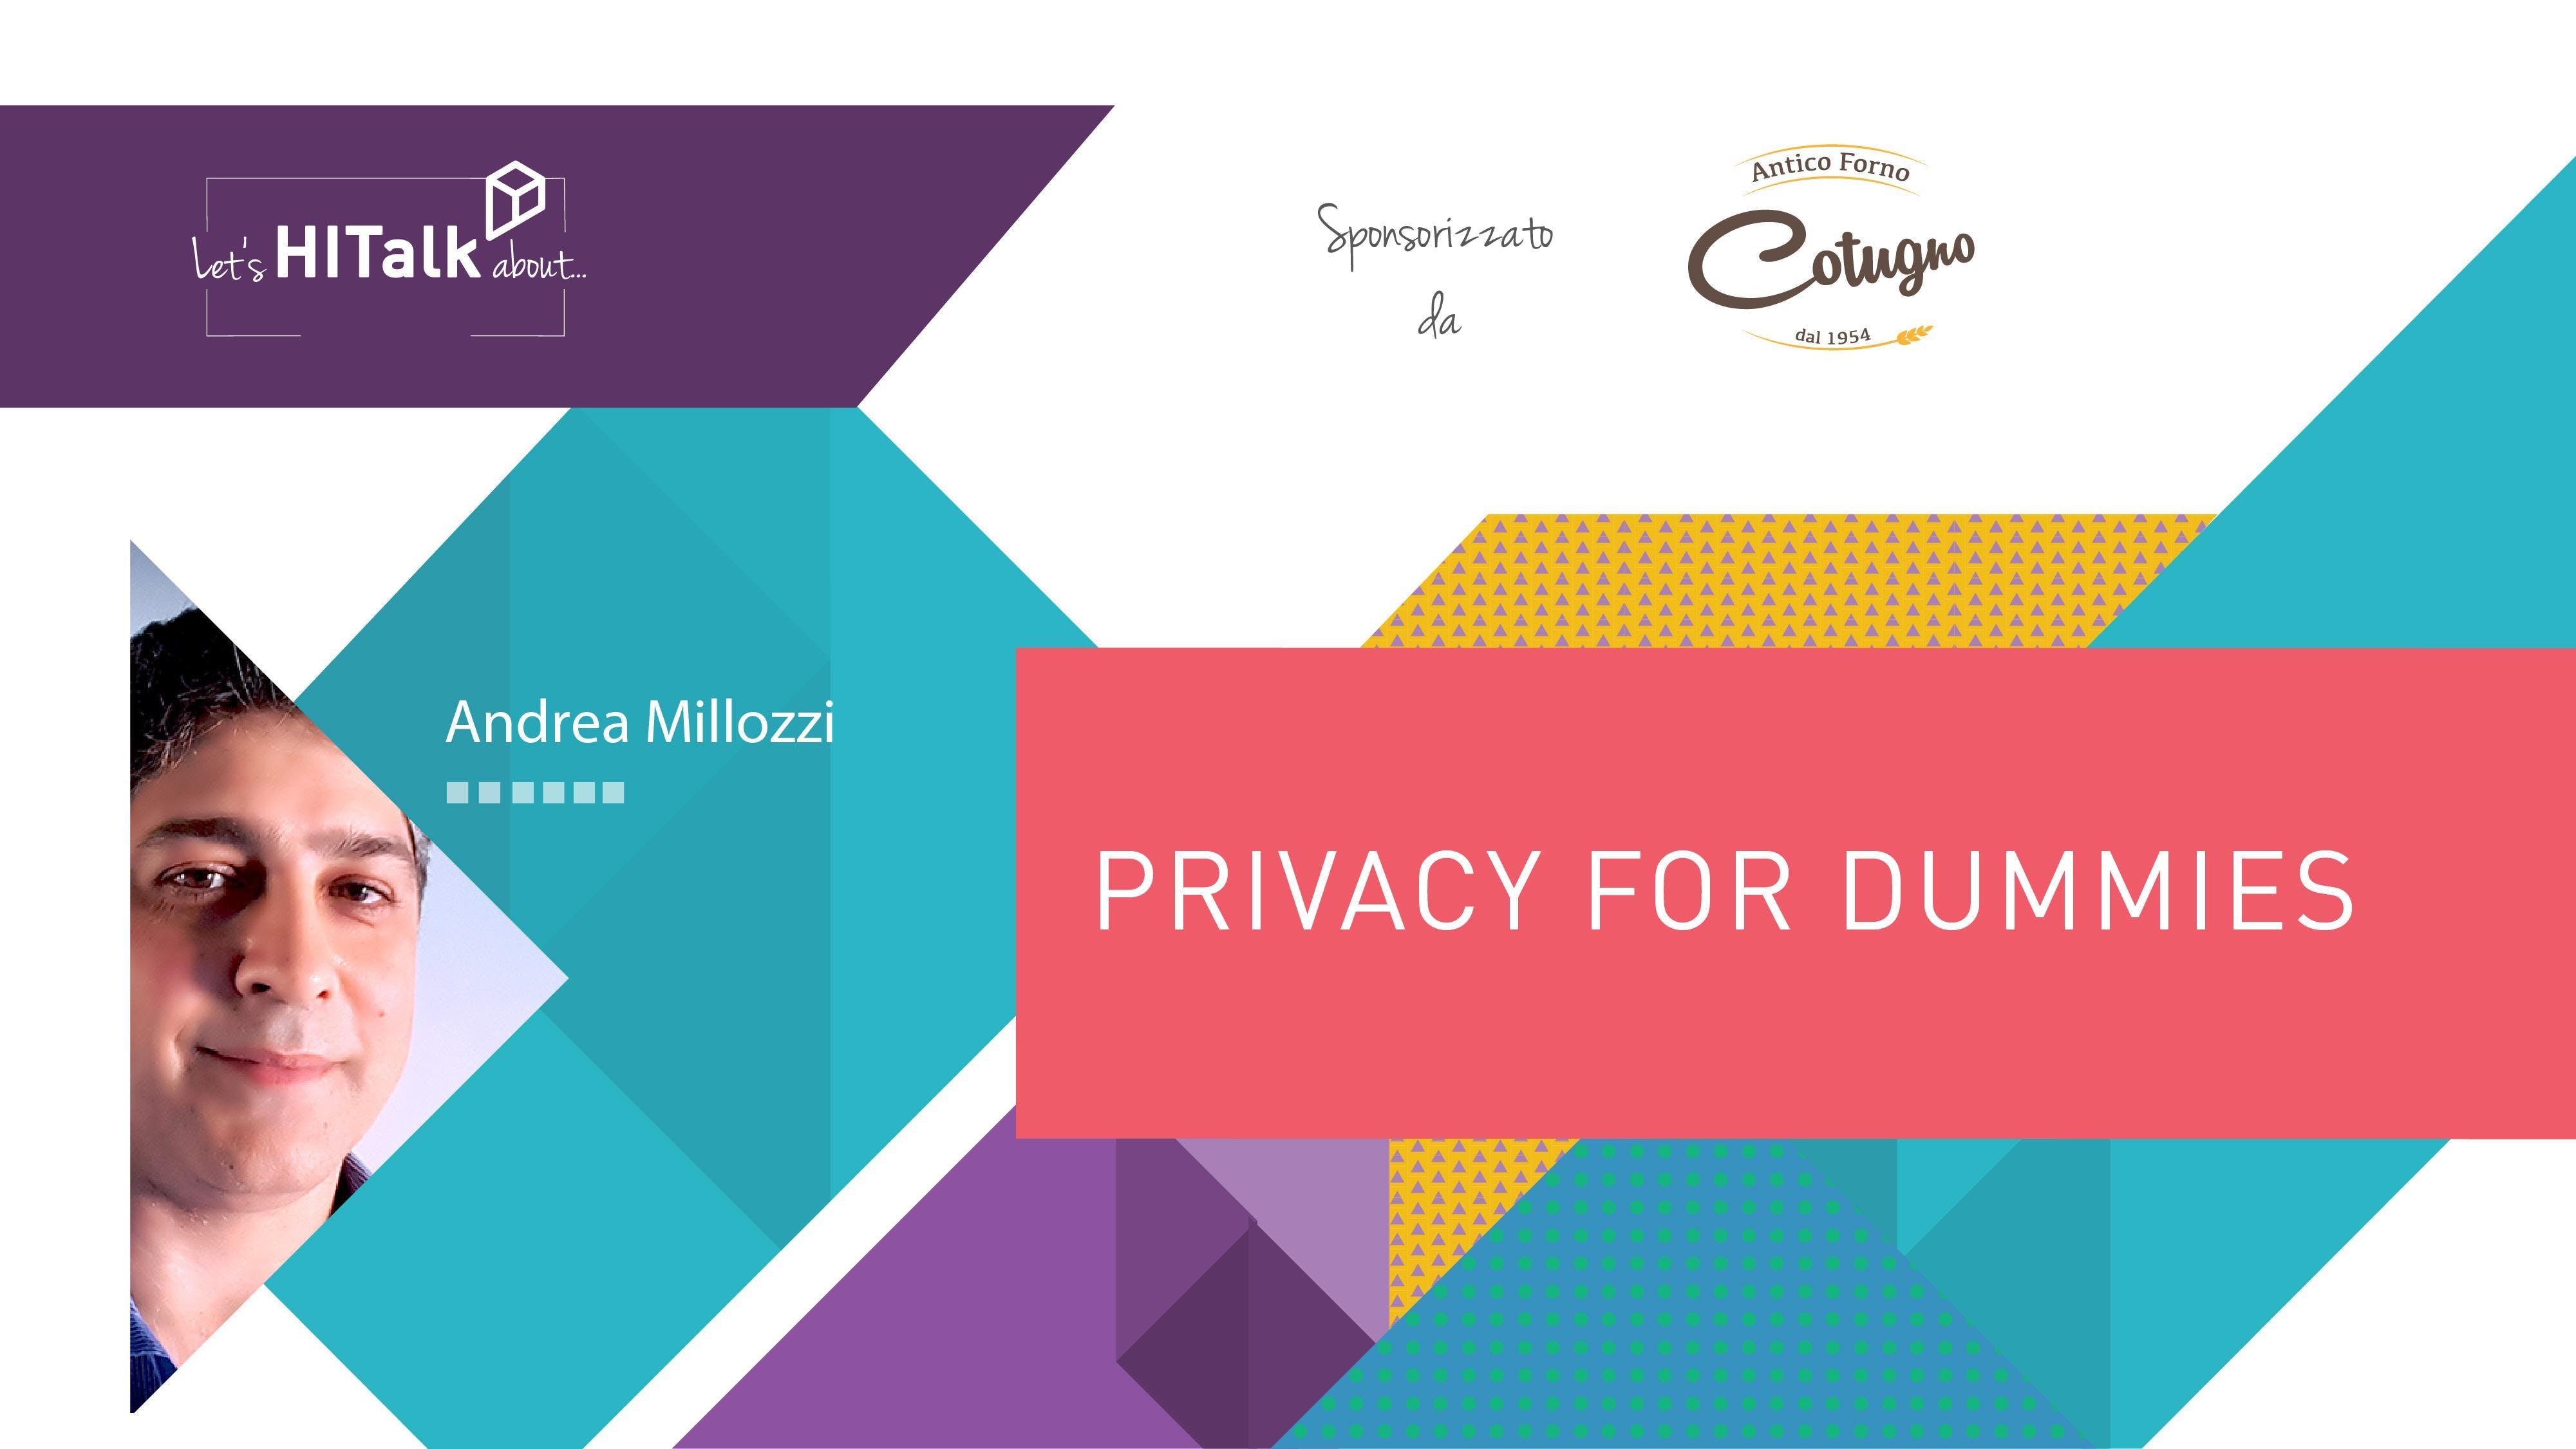 Let's HITalk... Privacy